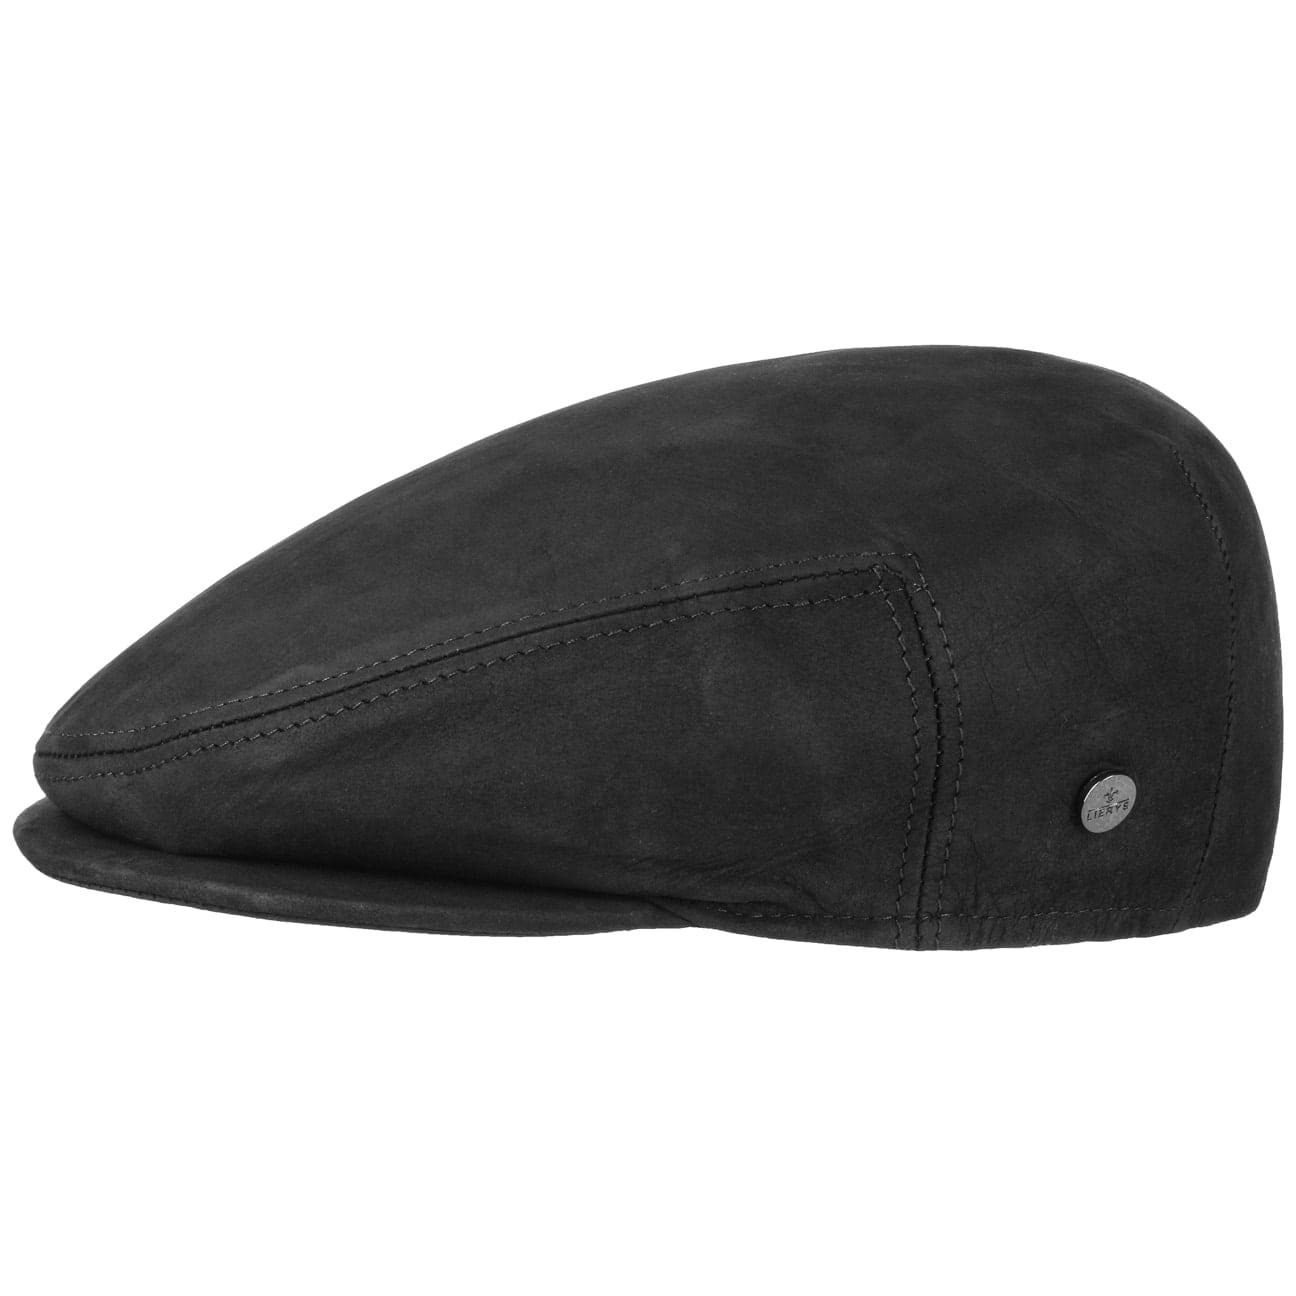 ... Leather Flat Cap by Lierys - black 1 691975a0921